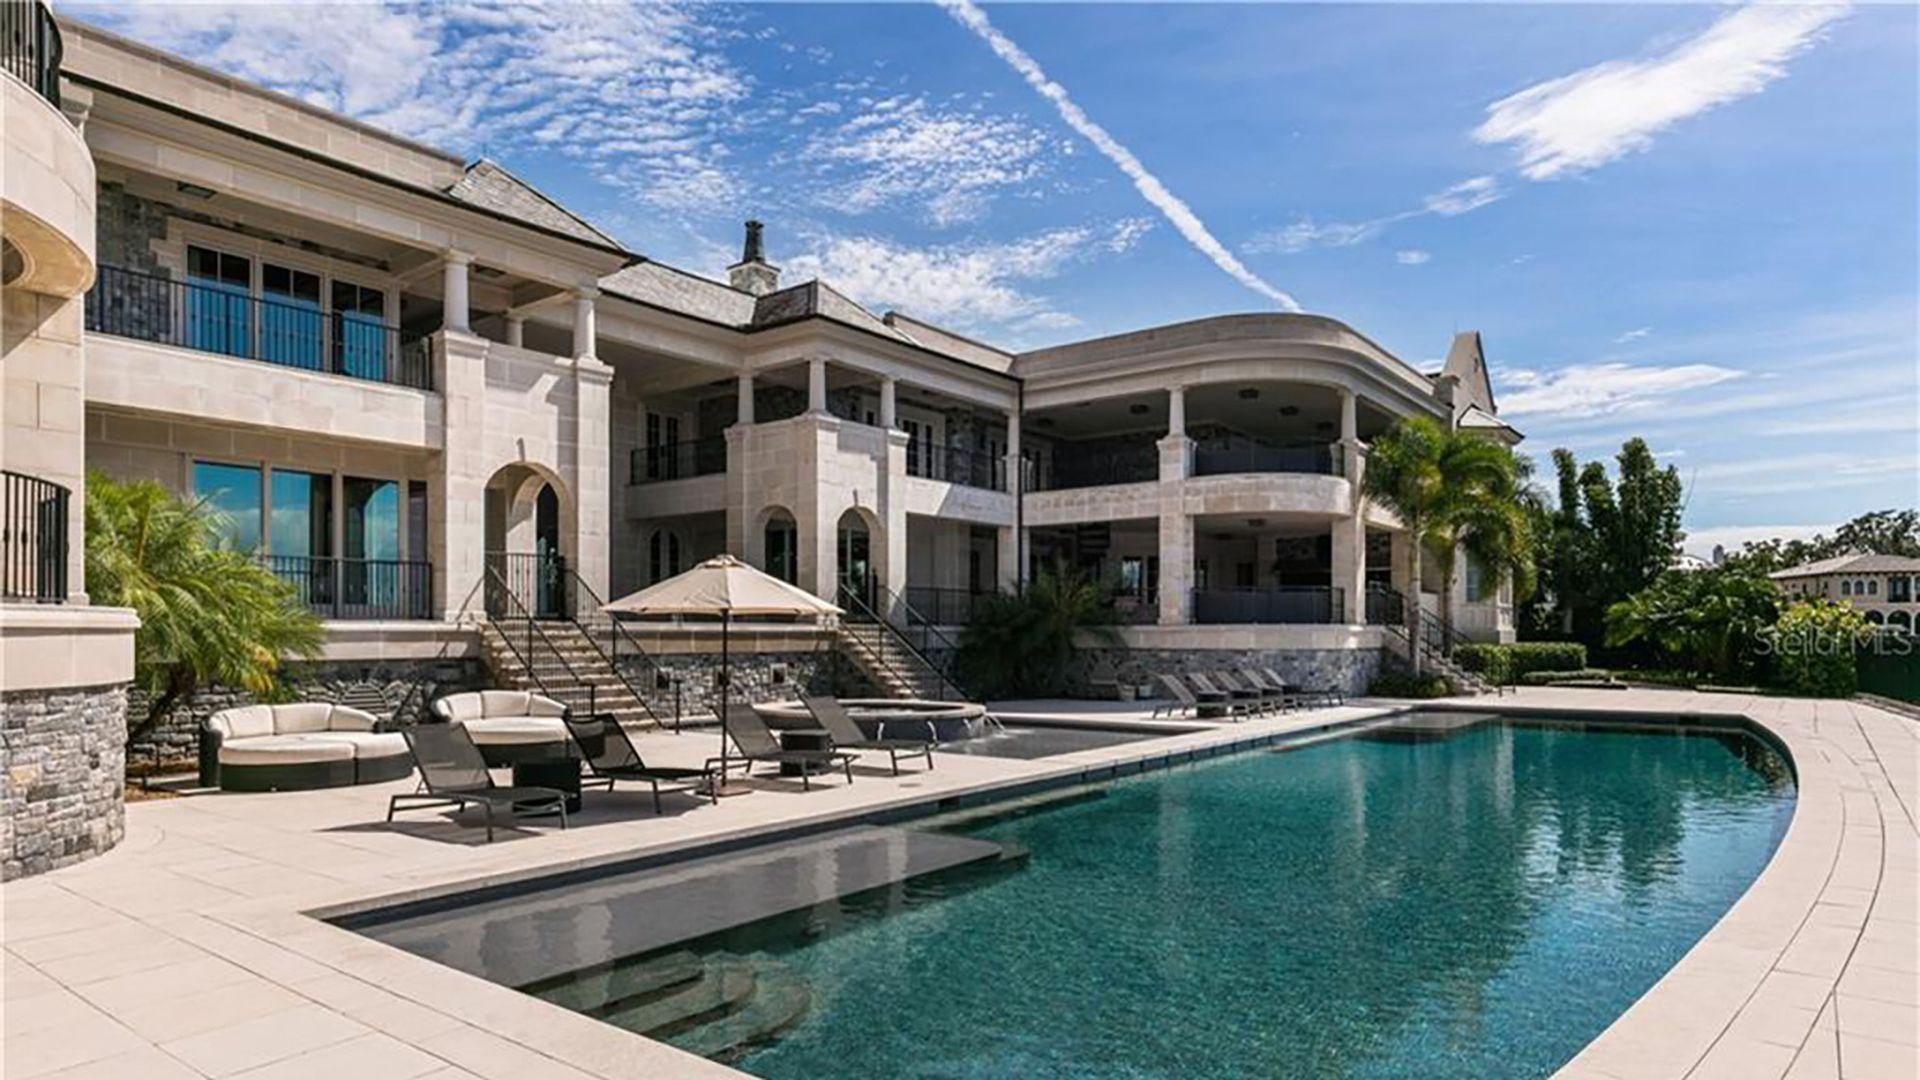 derek jeters house sold